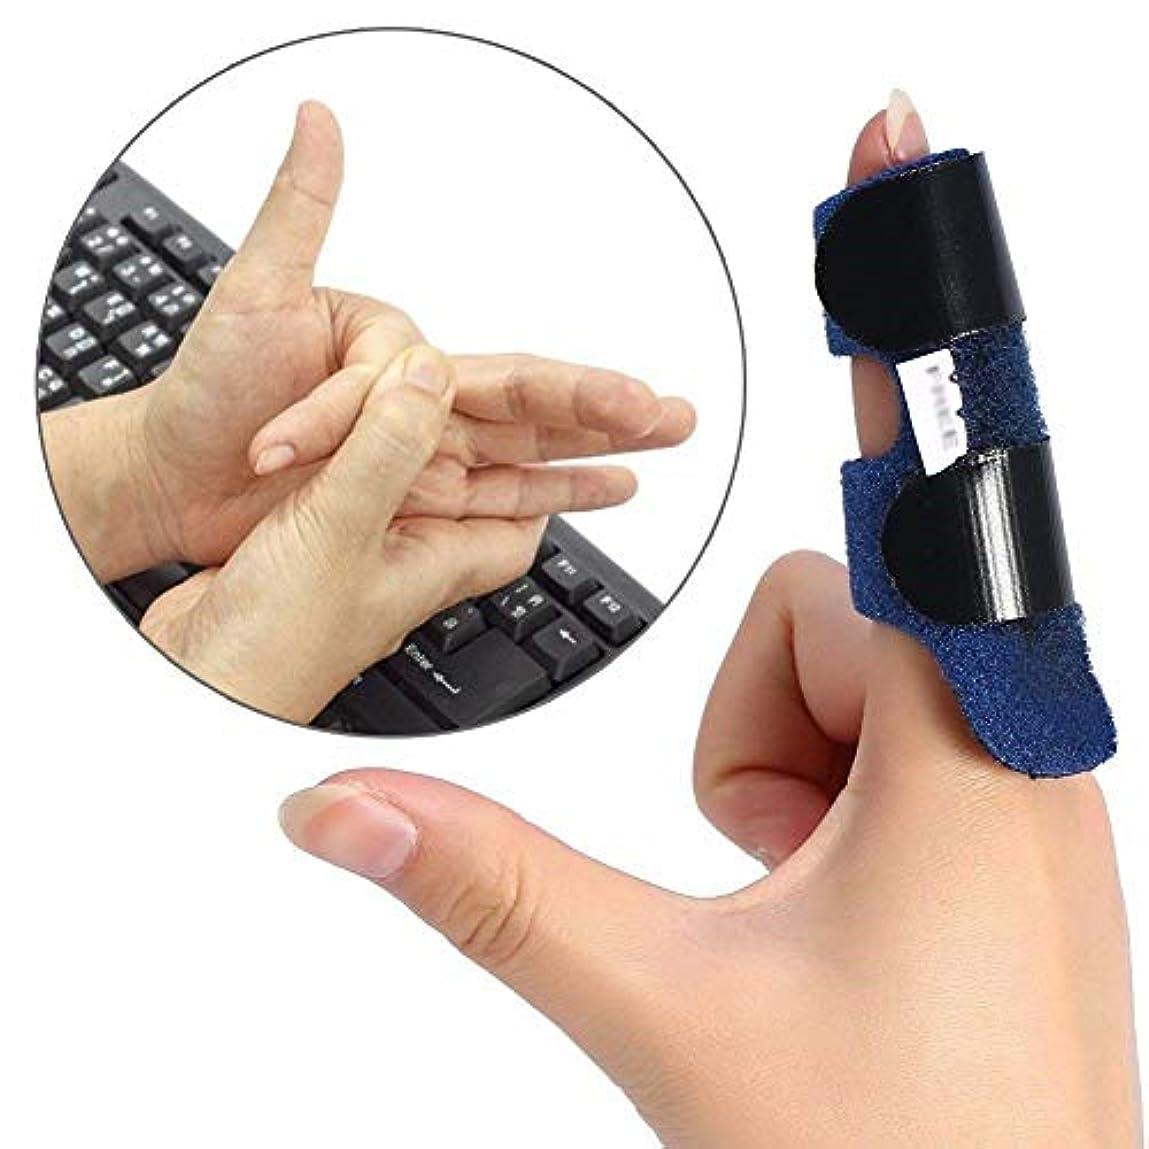 突然自殺タッチすべての指トリガーの指矯正ブレースに適した指の怪我のサポート-内蔵のアルミニウム調整可能ストラップ